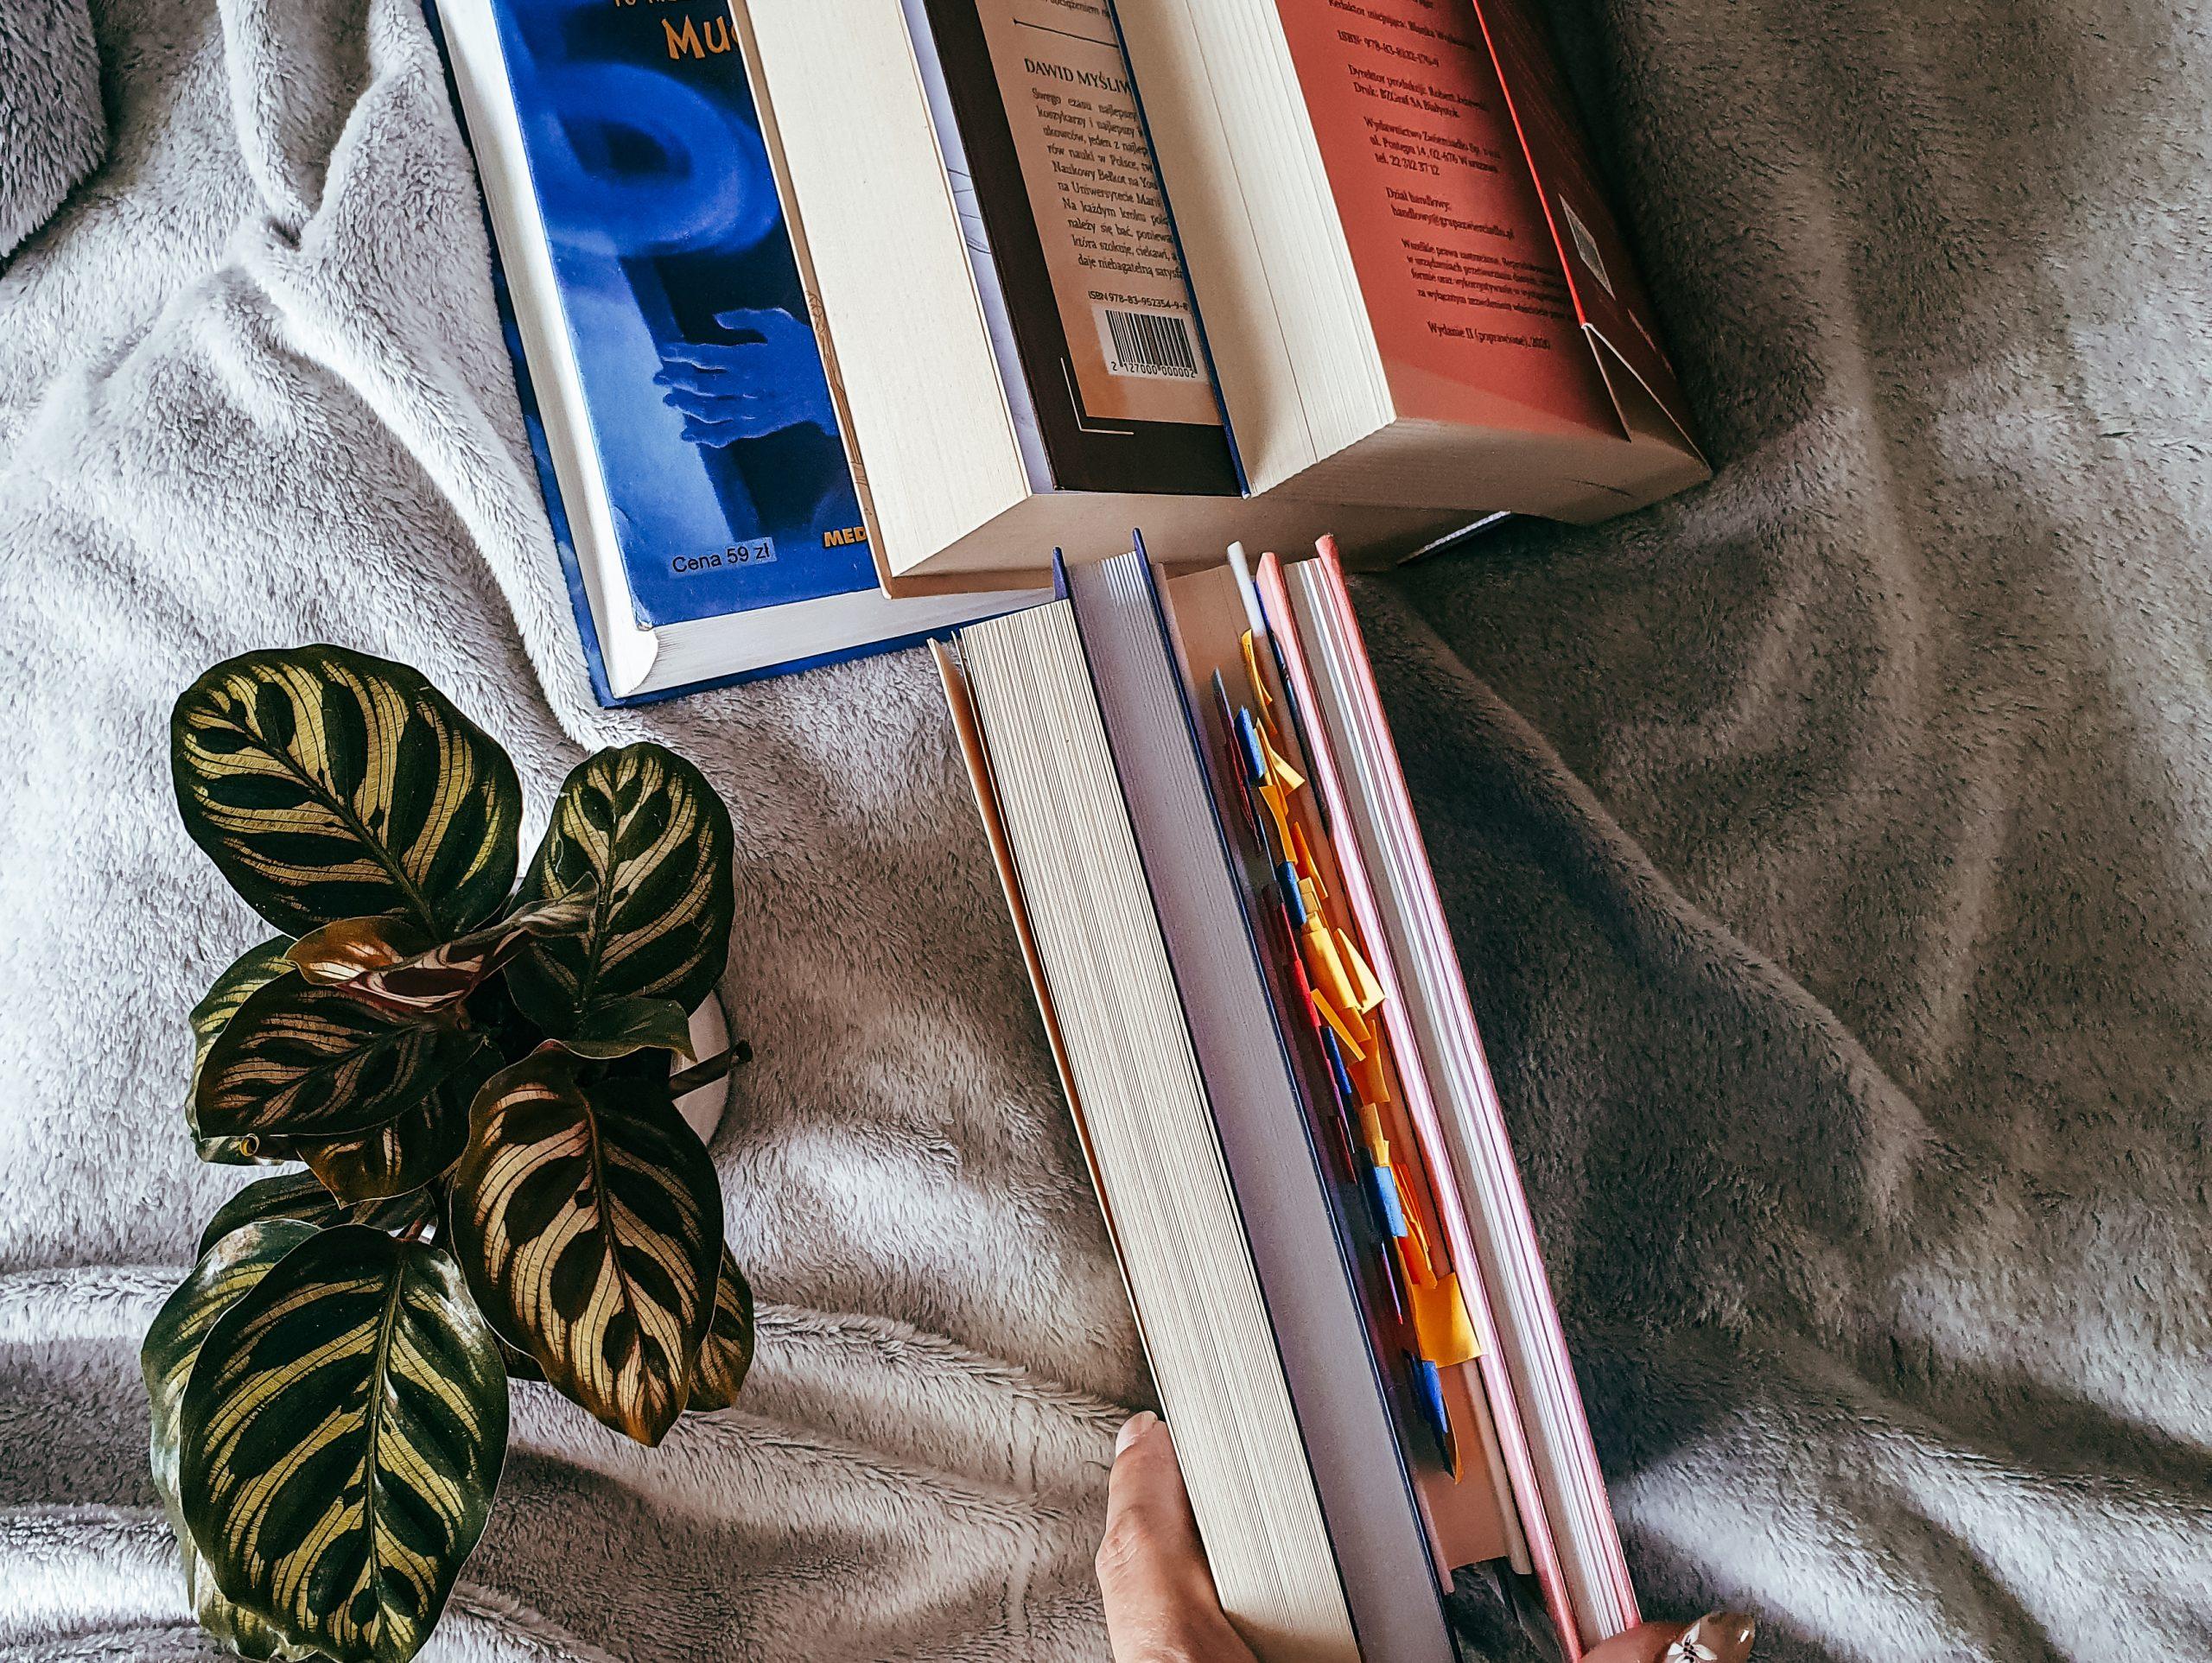 jak czytać dużo książek